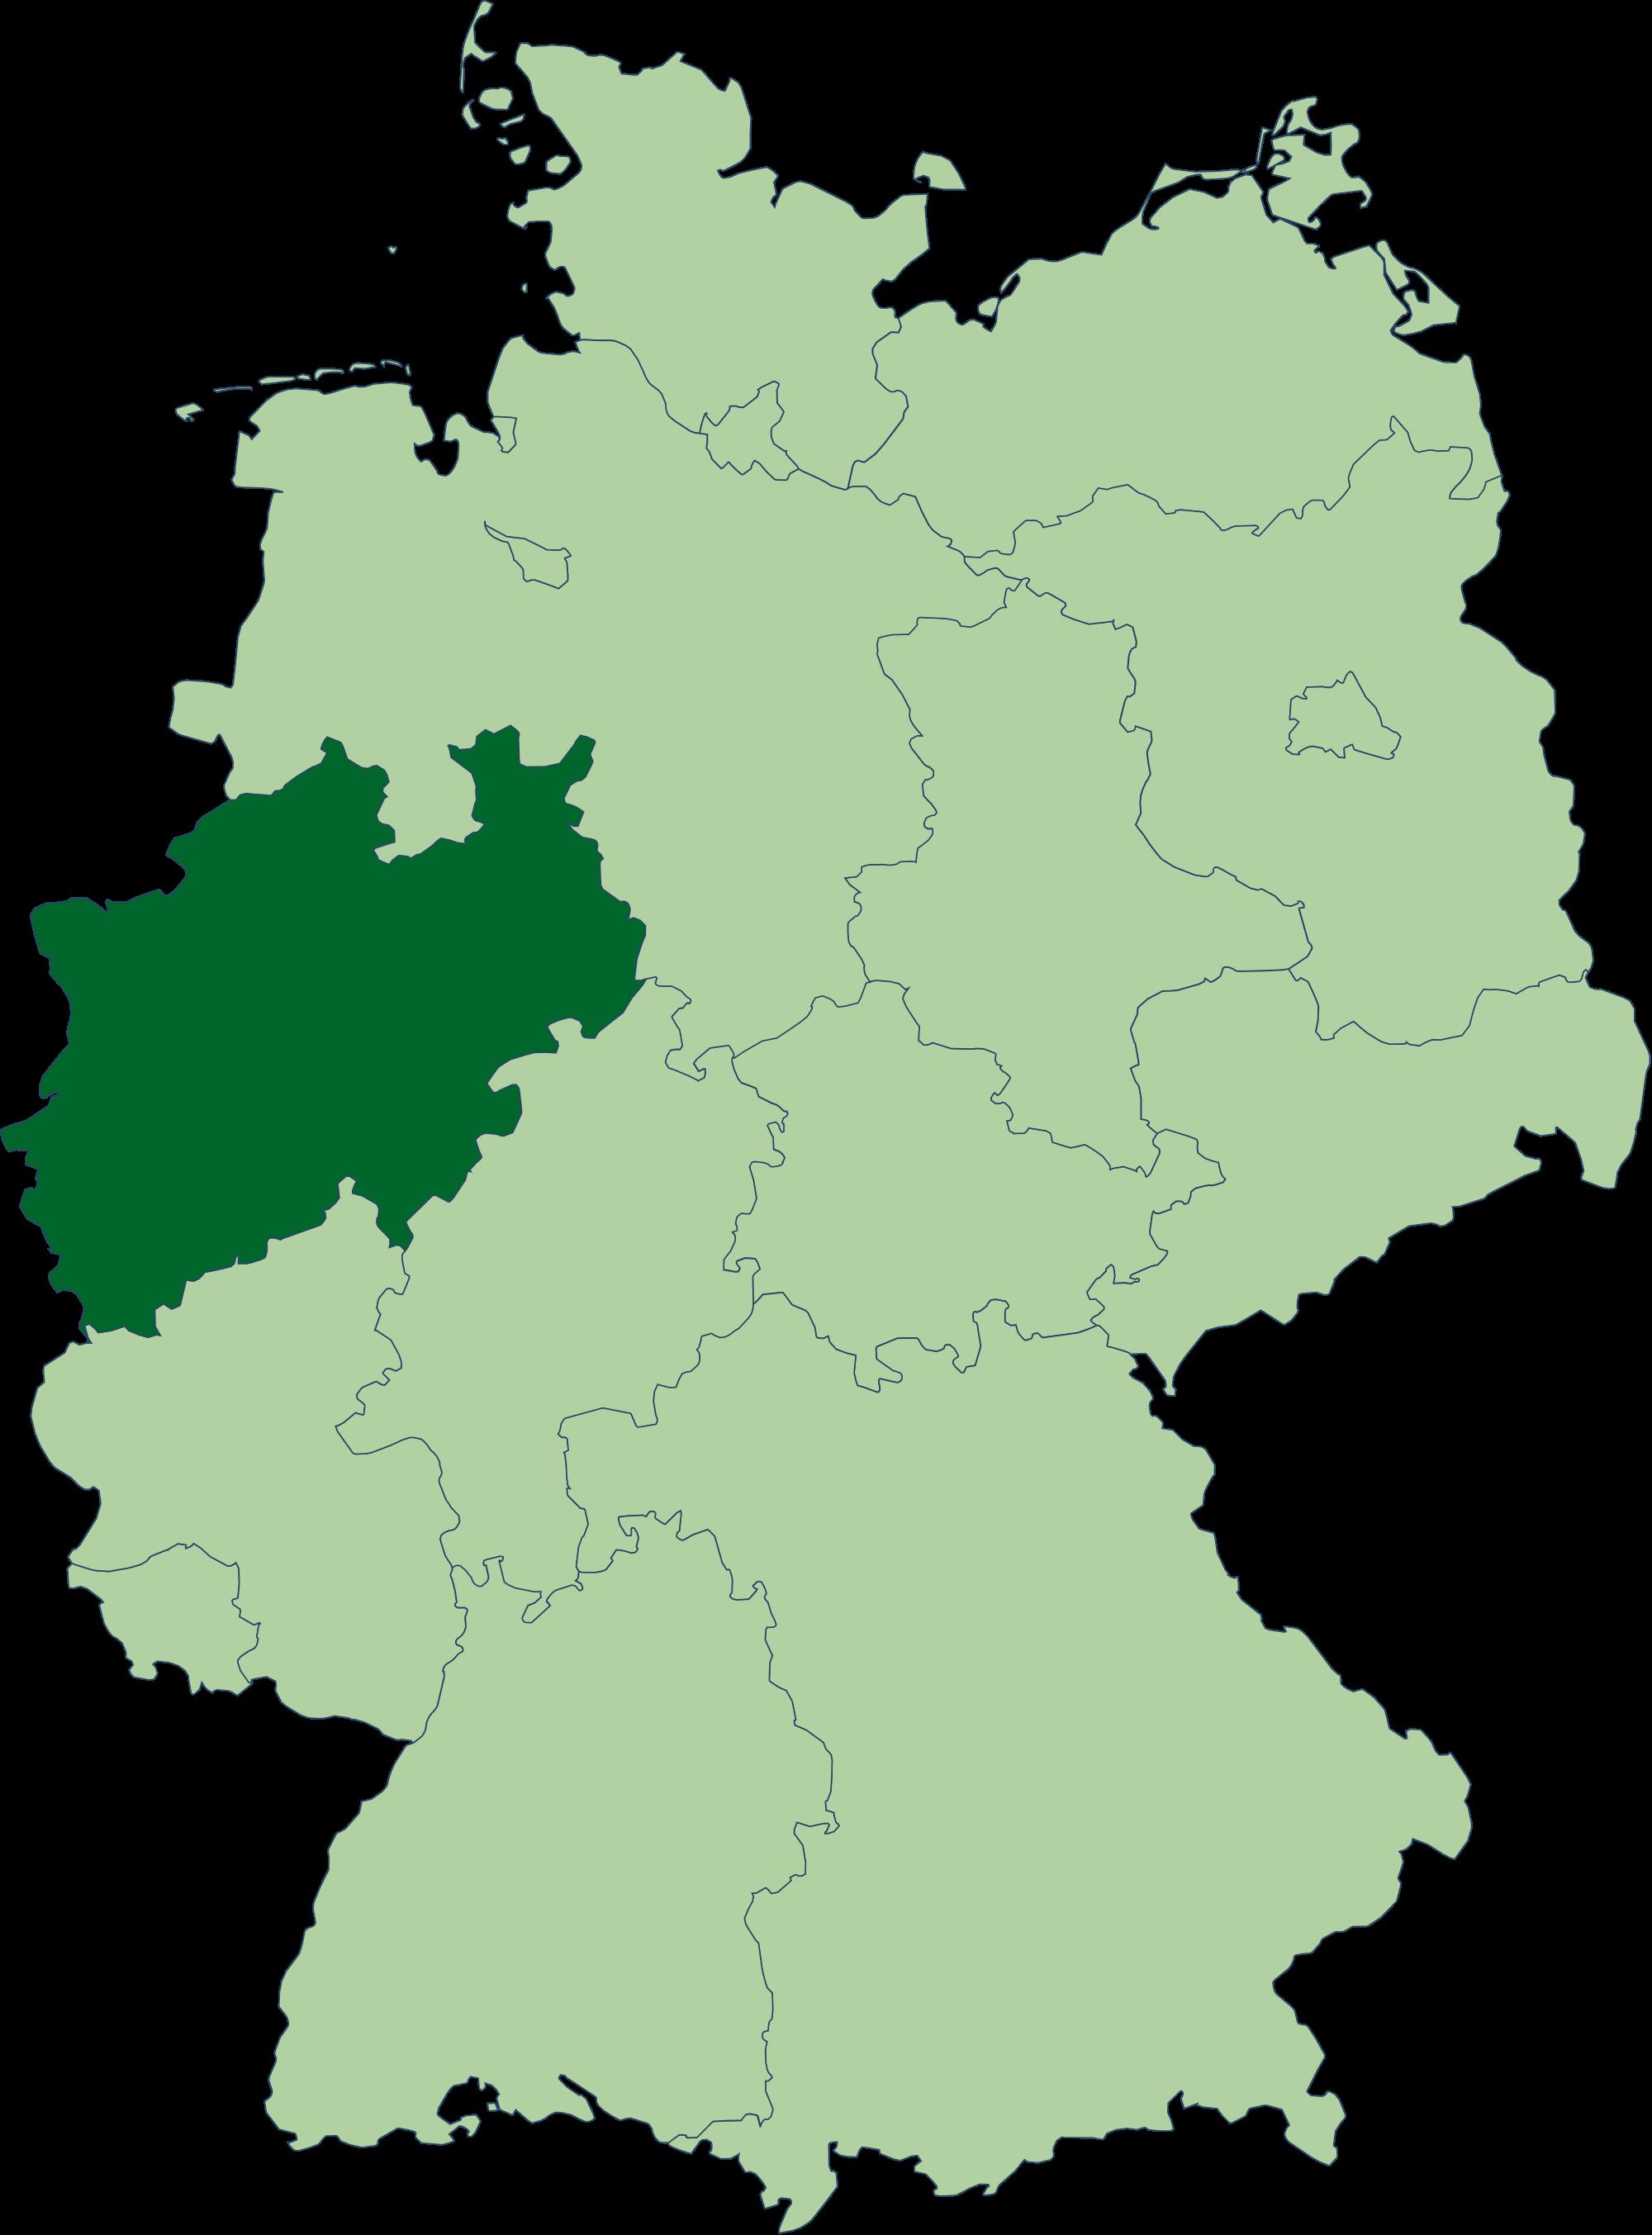 nrw deutschland karte nordrhein westfalen deutschland #deutschland #nordrhein #westfalen